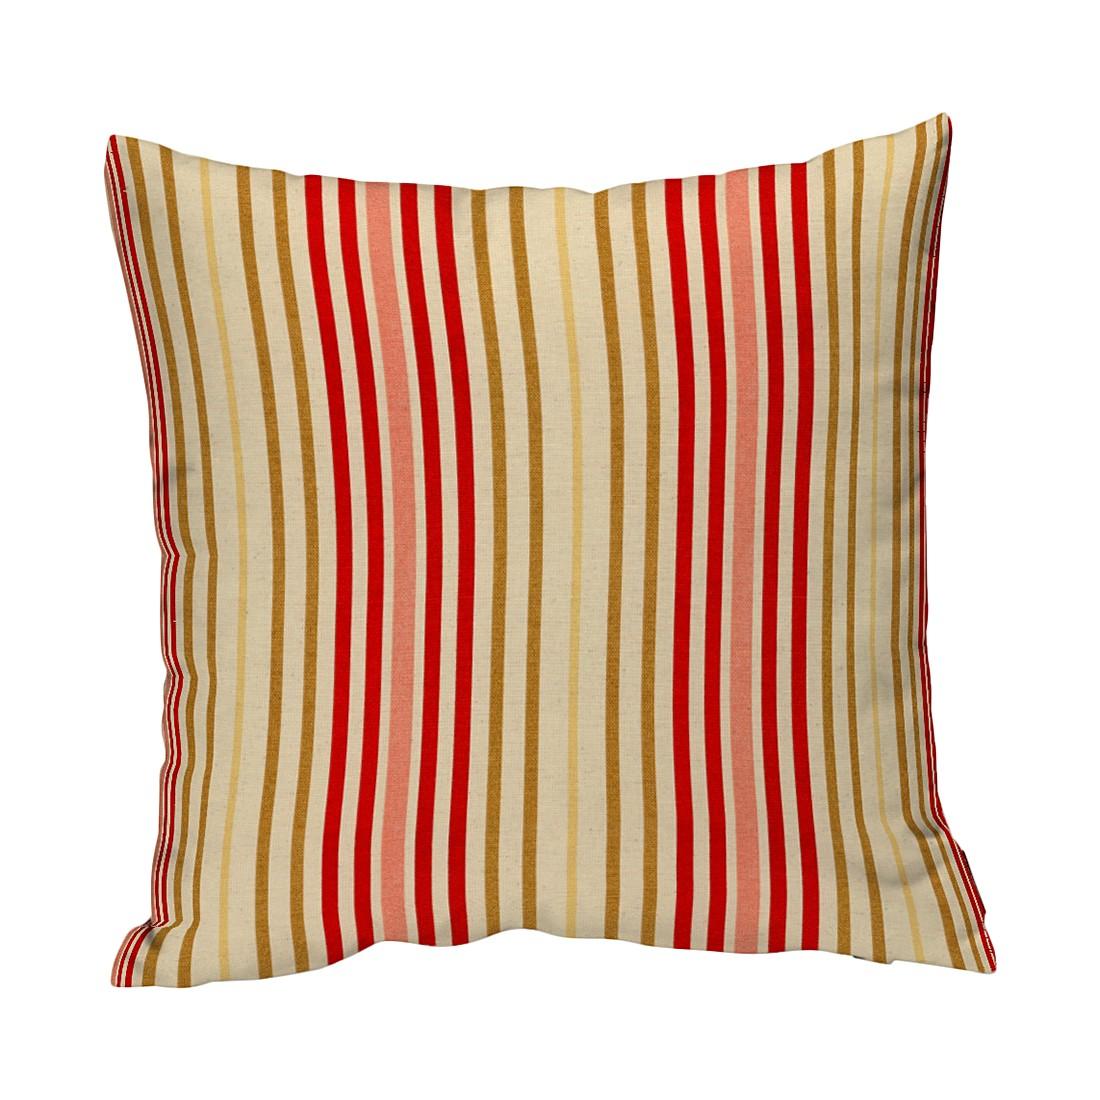 Kussenhoes - rode strepen/beige - 40x40cm, Dekoria